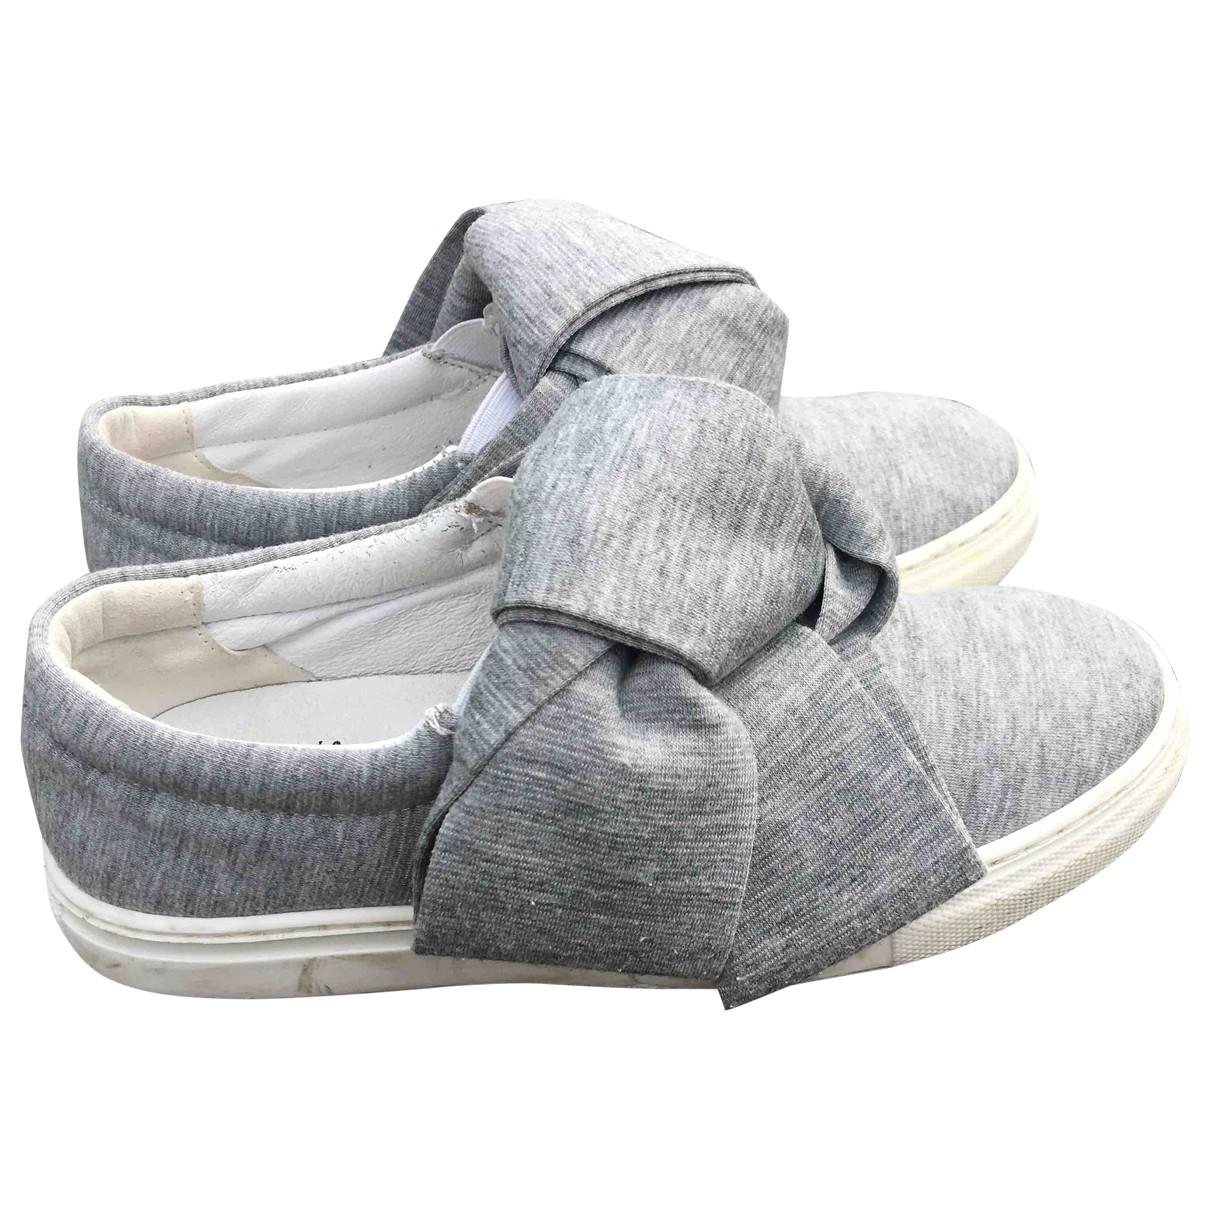 Joshua Sanders - Baskets   pour enfant en cuir - gris